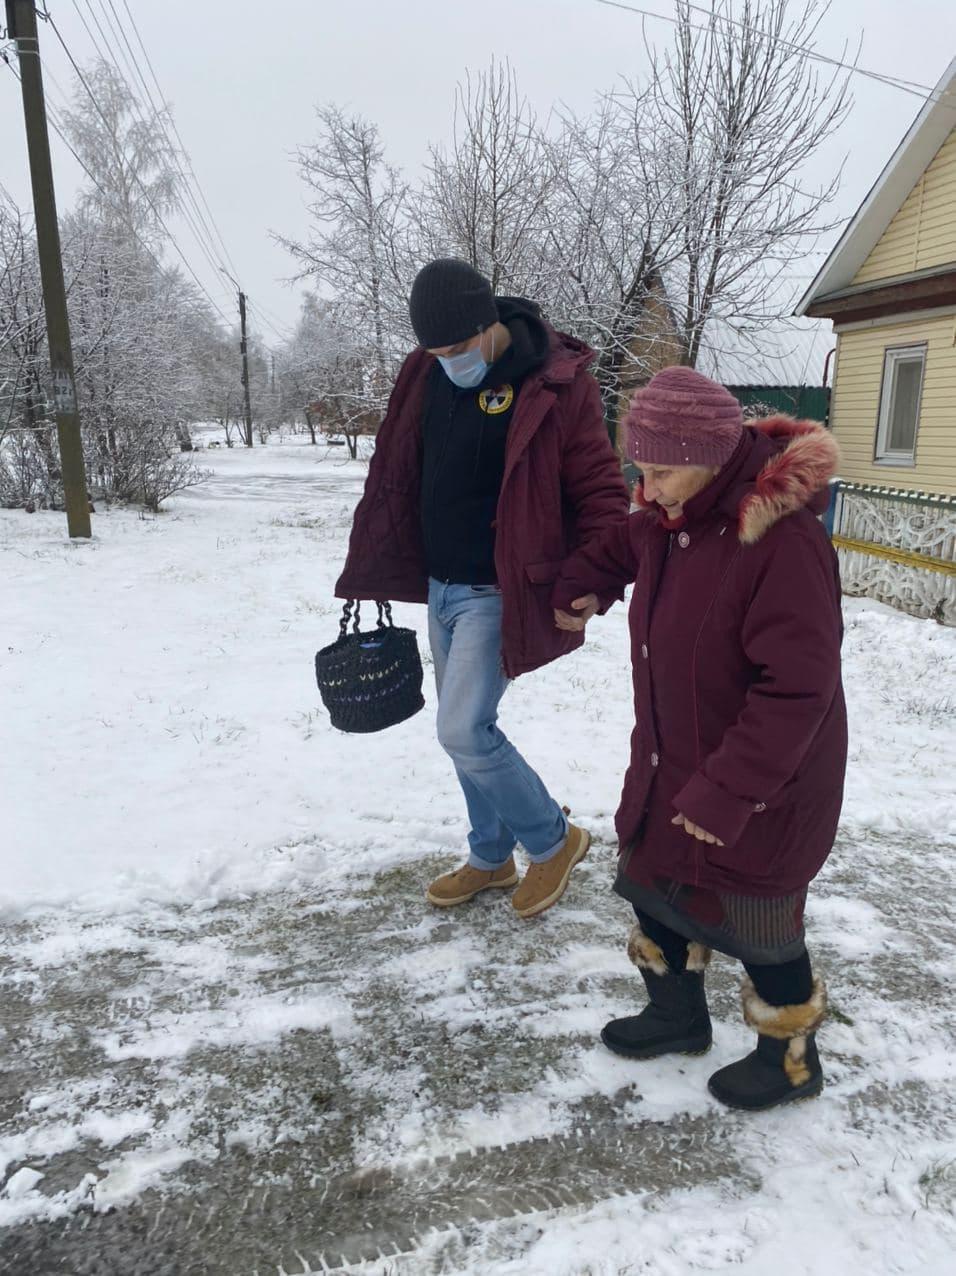 Самые уязвимые — в декабре добровольцы-радимичи продолжают активно оказывать помощь пожилым людям, проживающим в деревнях и небольших городах Брянской области